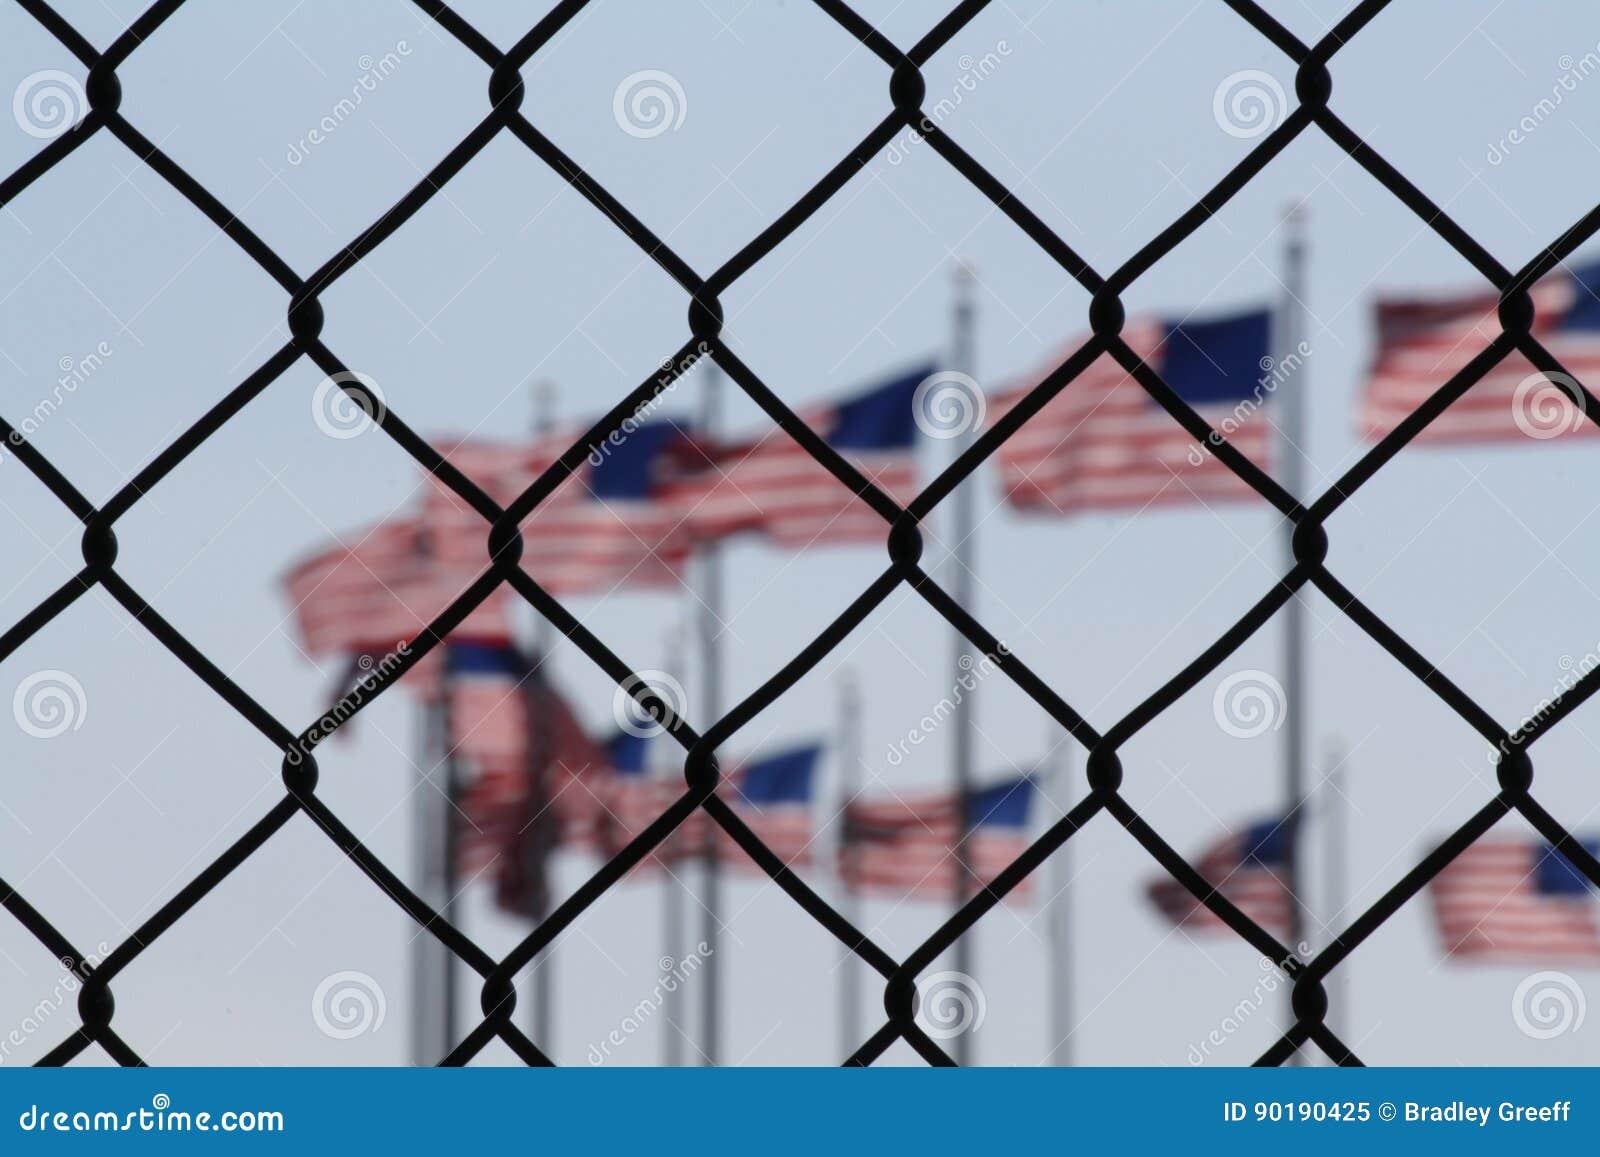 Une représentation symbolique des Etats-Unis et des étrangers